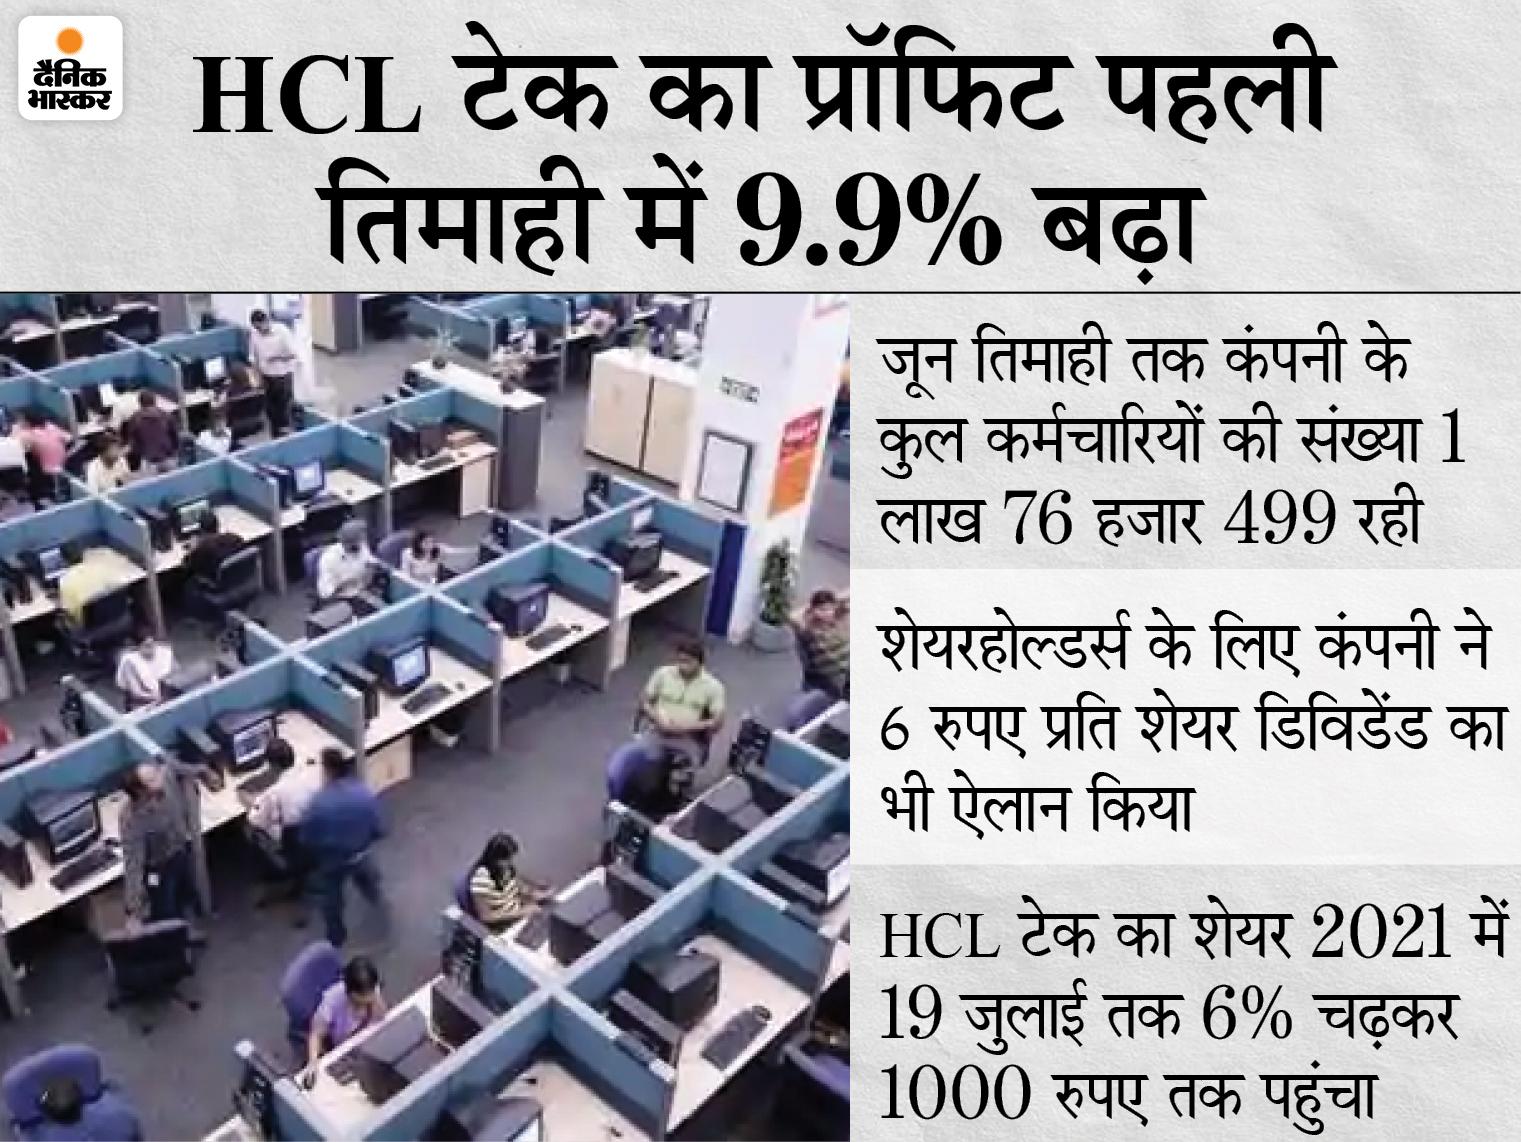 HCL टेक को जून तिमाही में 3,205 करोड़ रुपए का प्रॉफिट, तीन महीने में कंपनी ने 7,522 नौकरियां दीं; शिव नादर ने छोड़ा MD का पद|बिजनेस,Business - Dainik Bhaskar